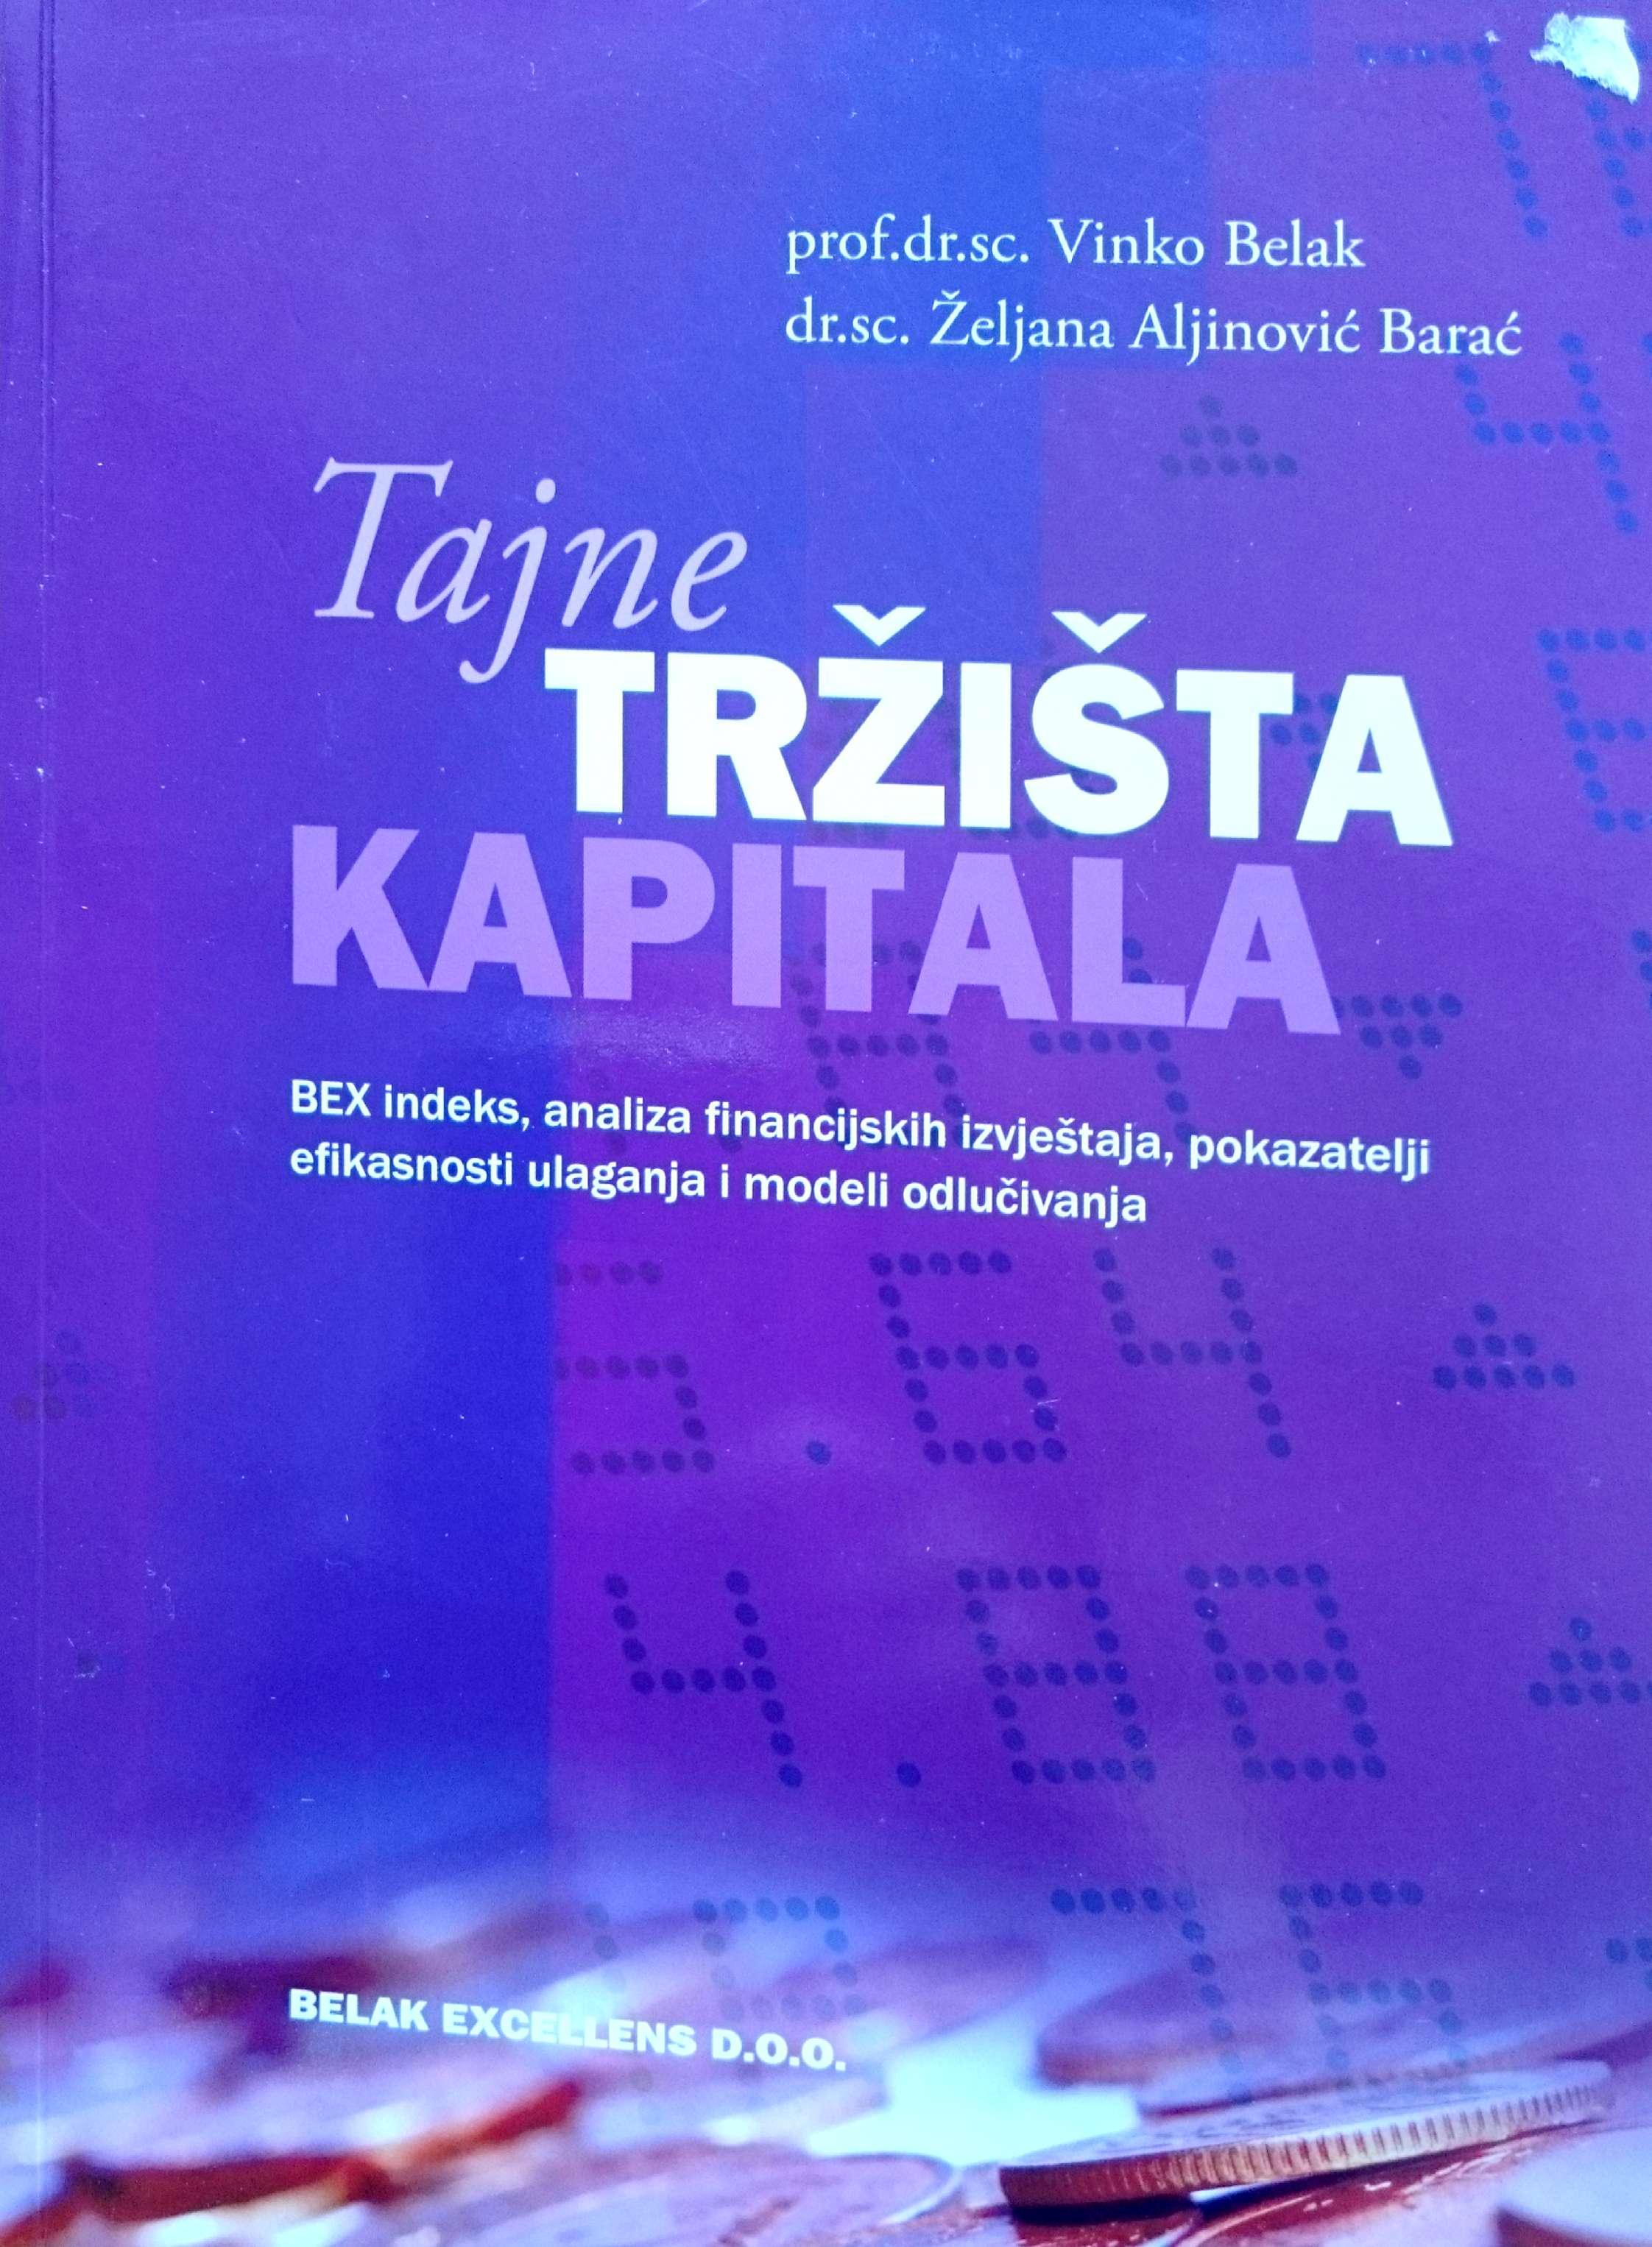 TAJNE TRŽIŠTA KAPITALA - Naruči svoju knjigu